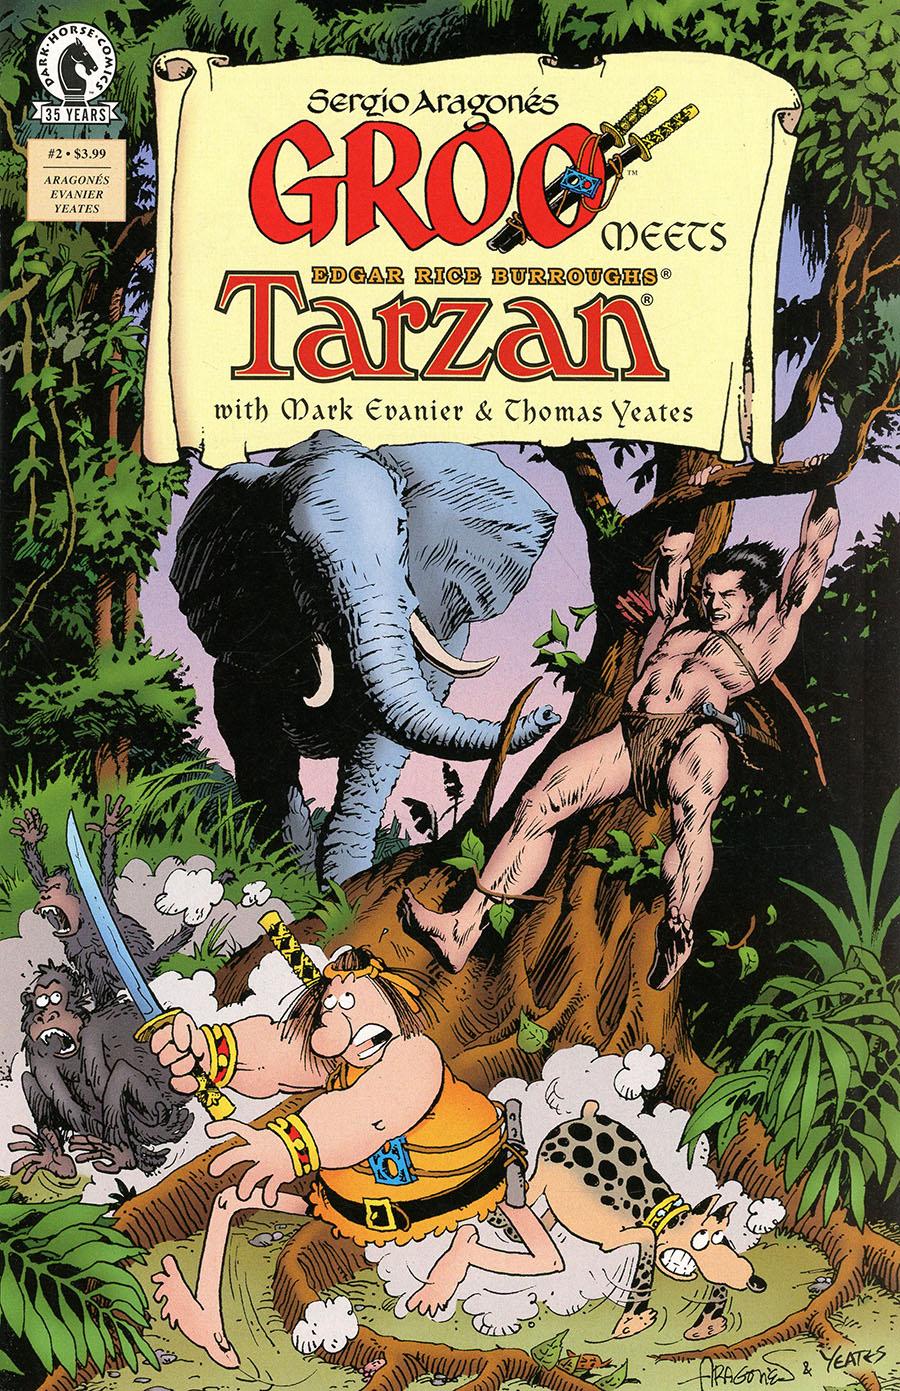 Groo Meets Tarzan #2